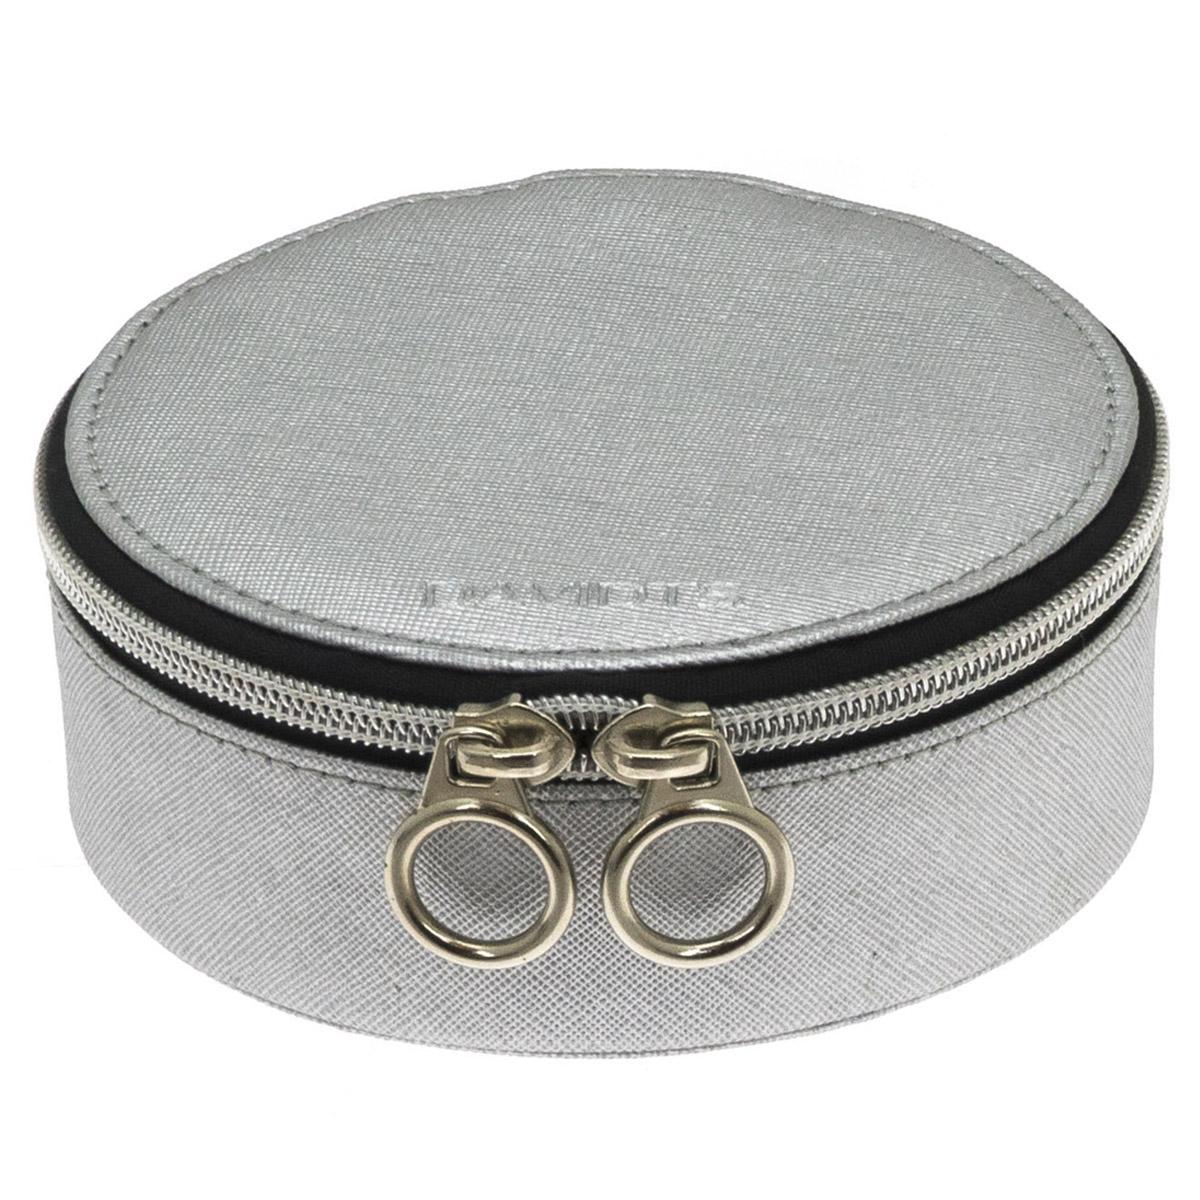 Coffret à bijoux zippé \'Zip\'n go\' gris argenté - 135x7 cm - [Q9143]